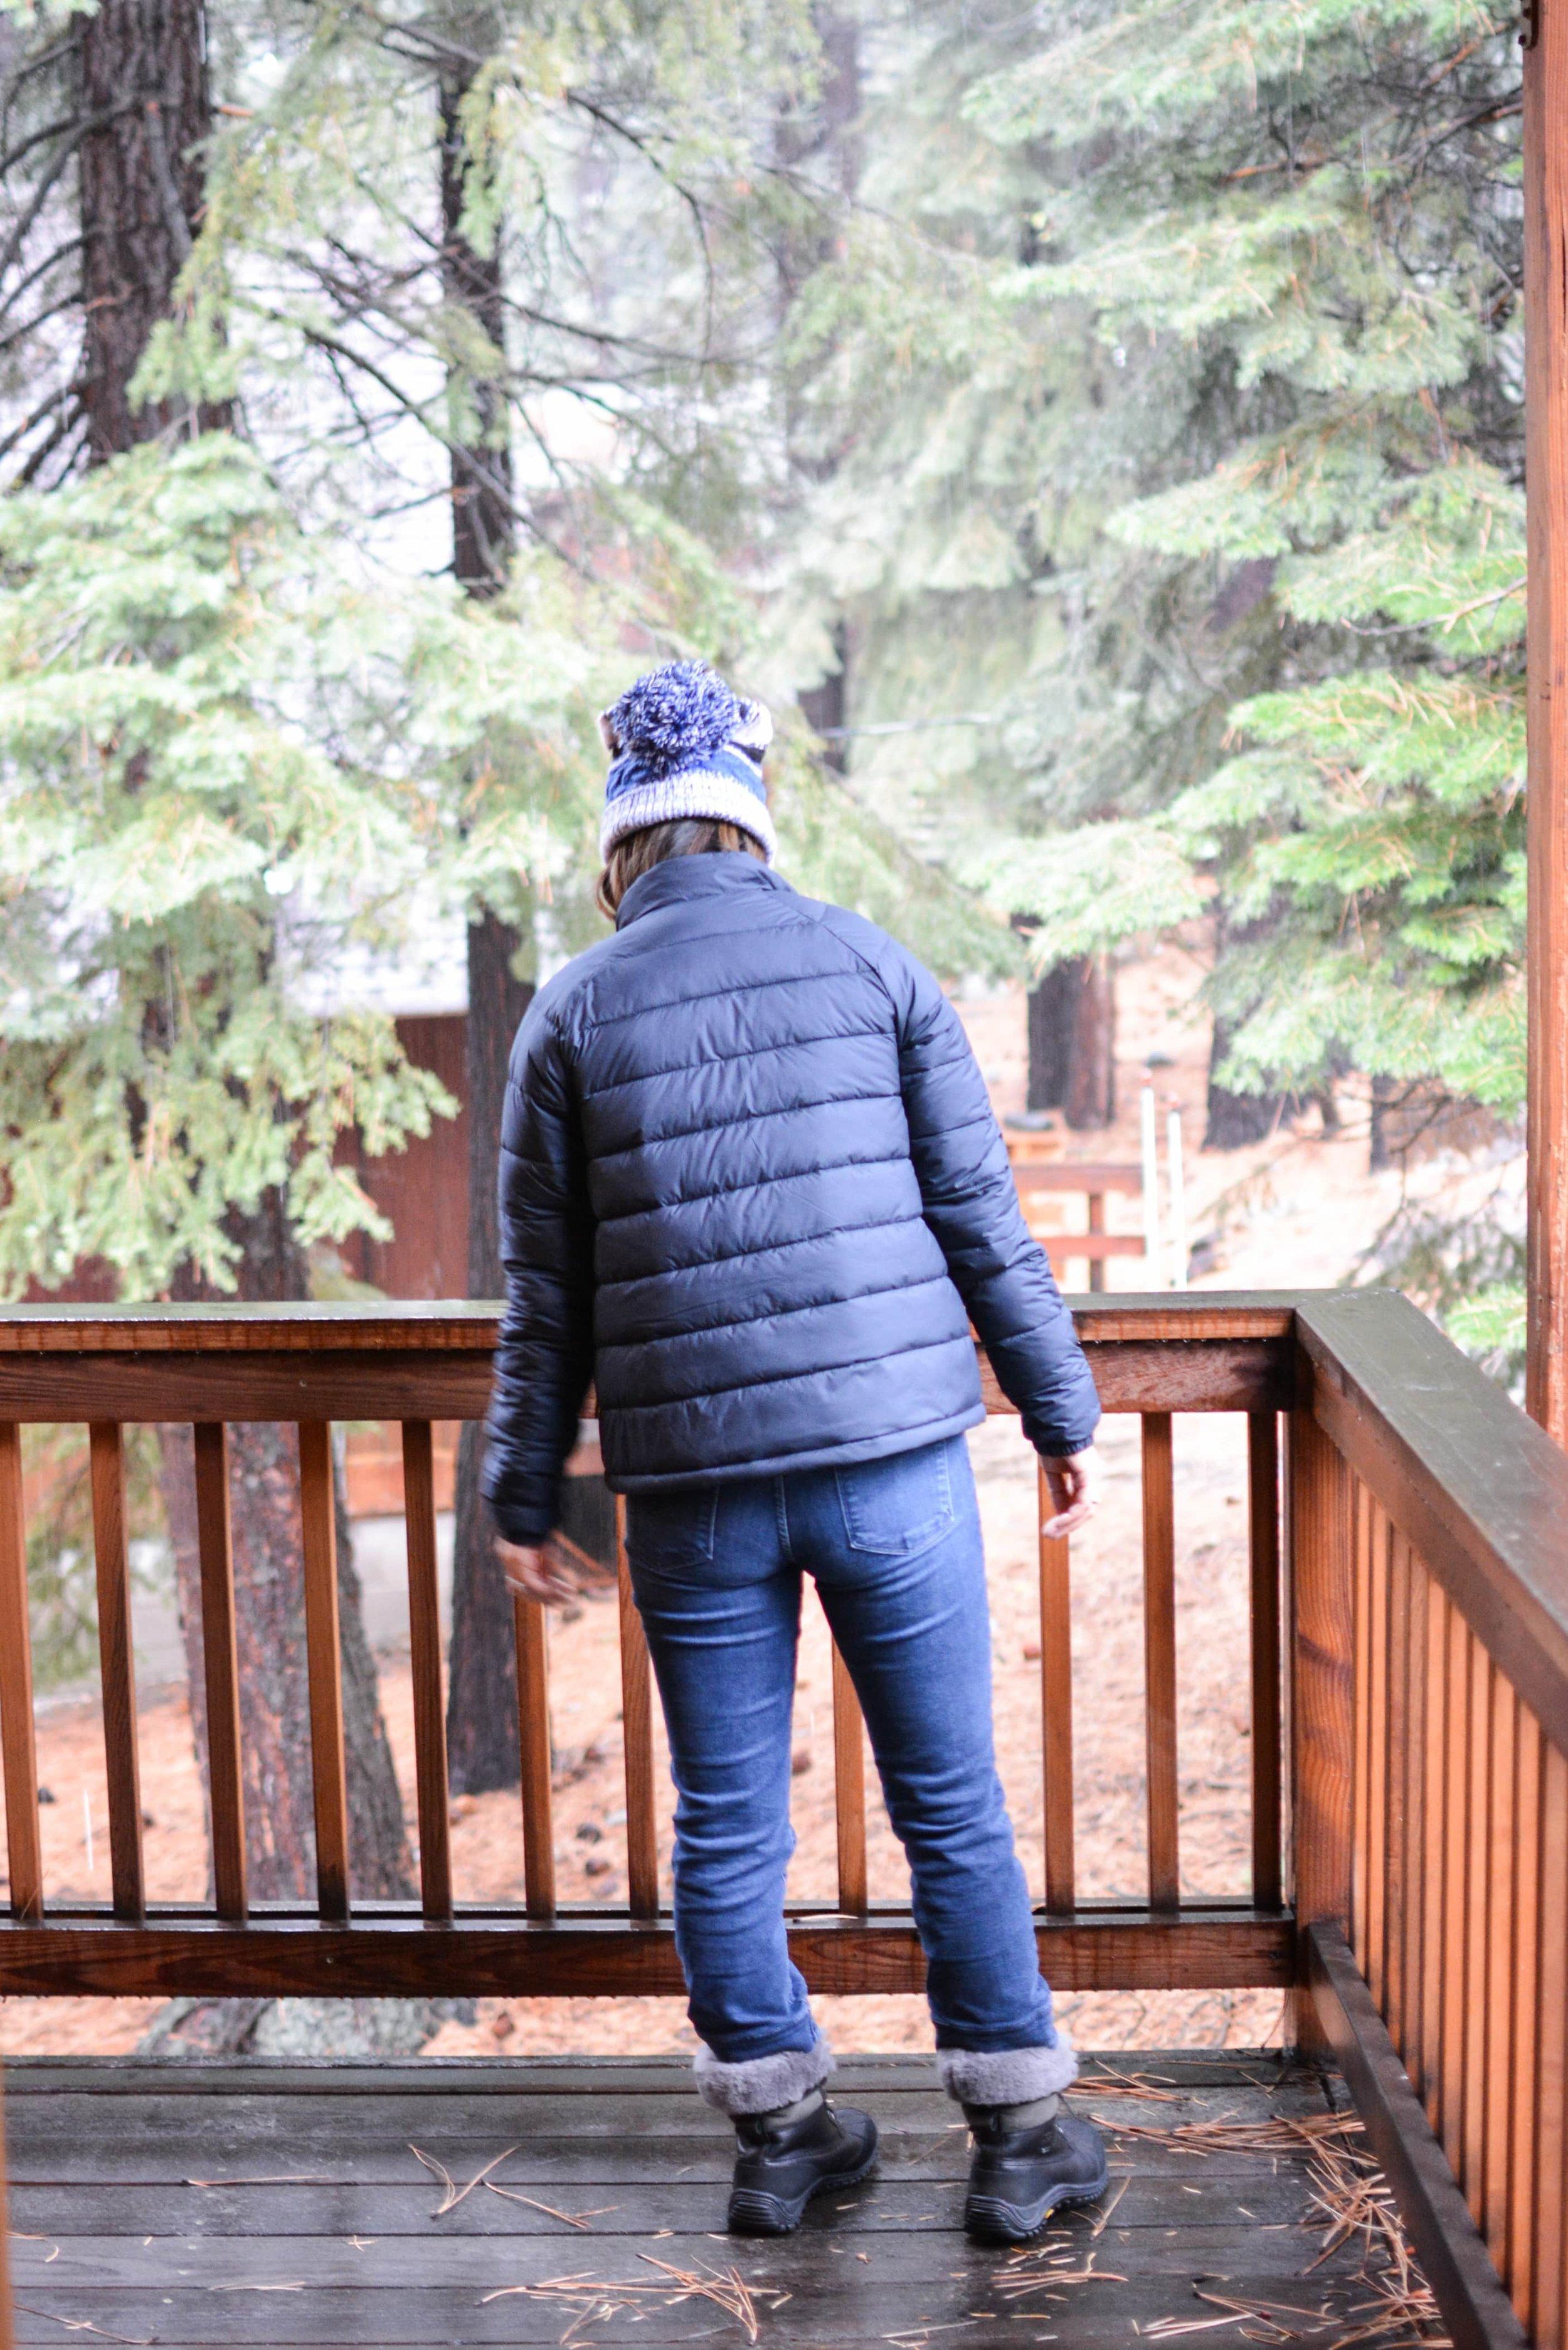 Everlane Review The Lightweight puffer jacket (3 of 11)-min.jpg